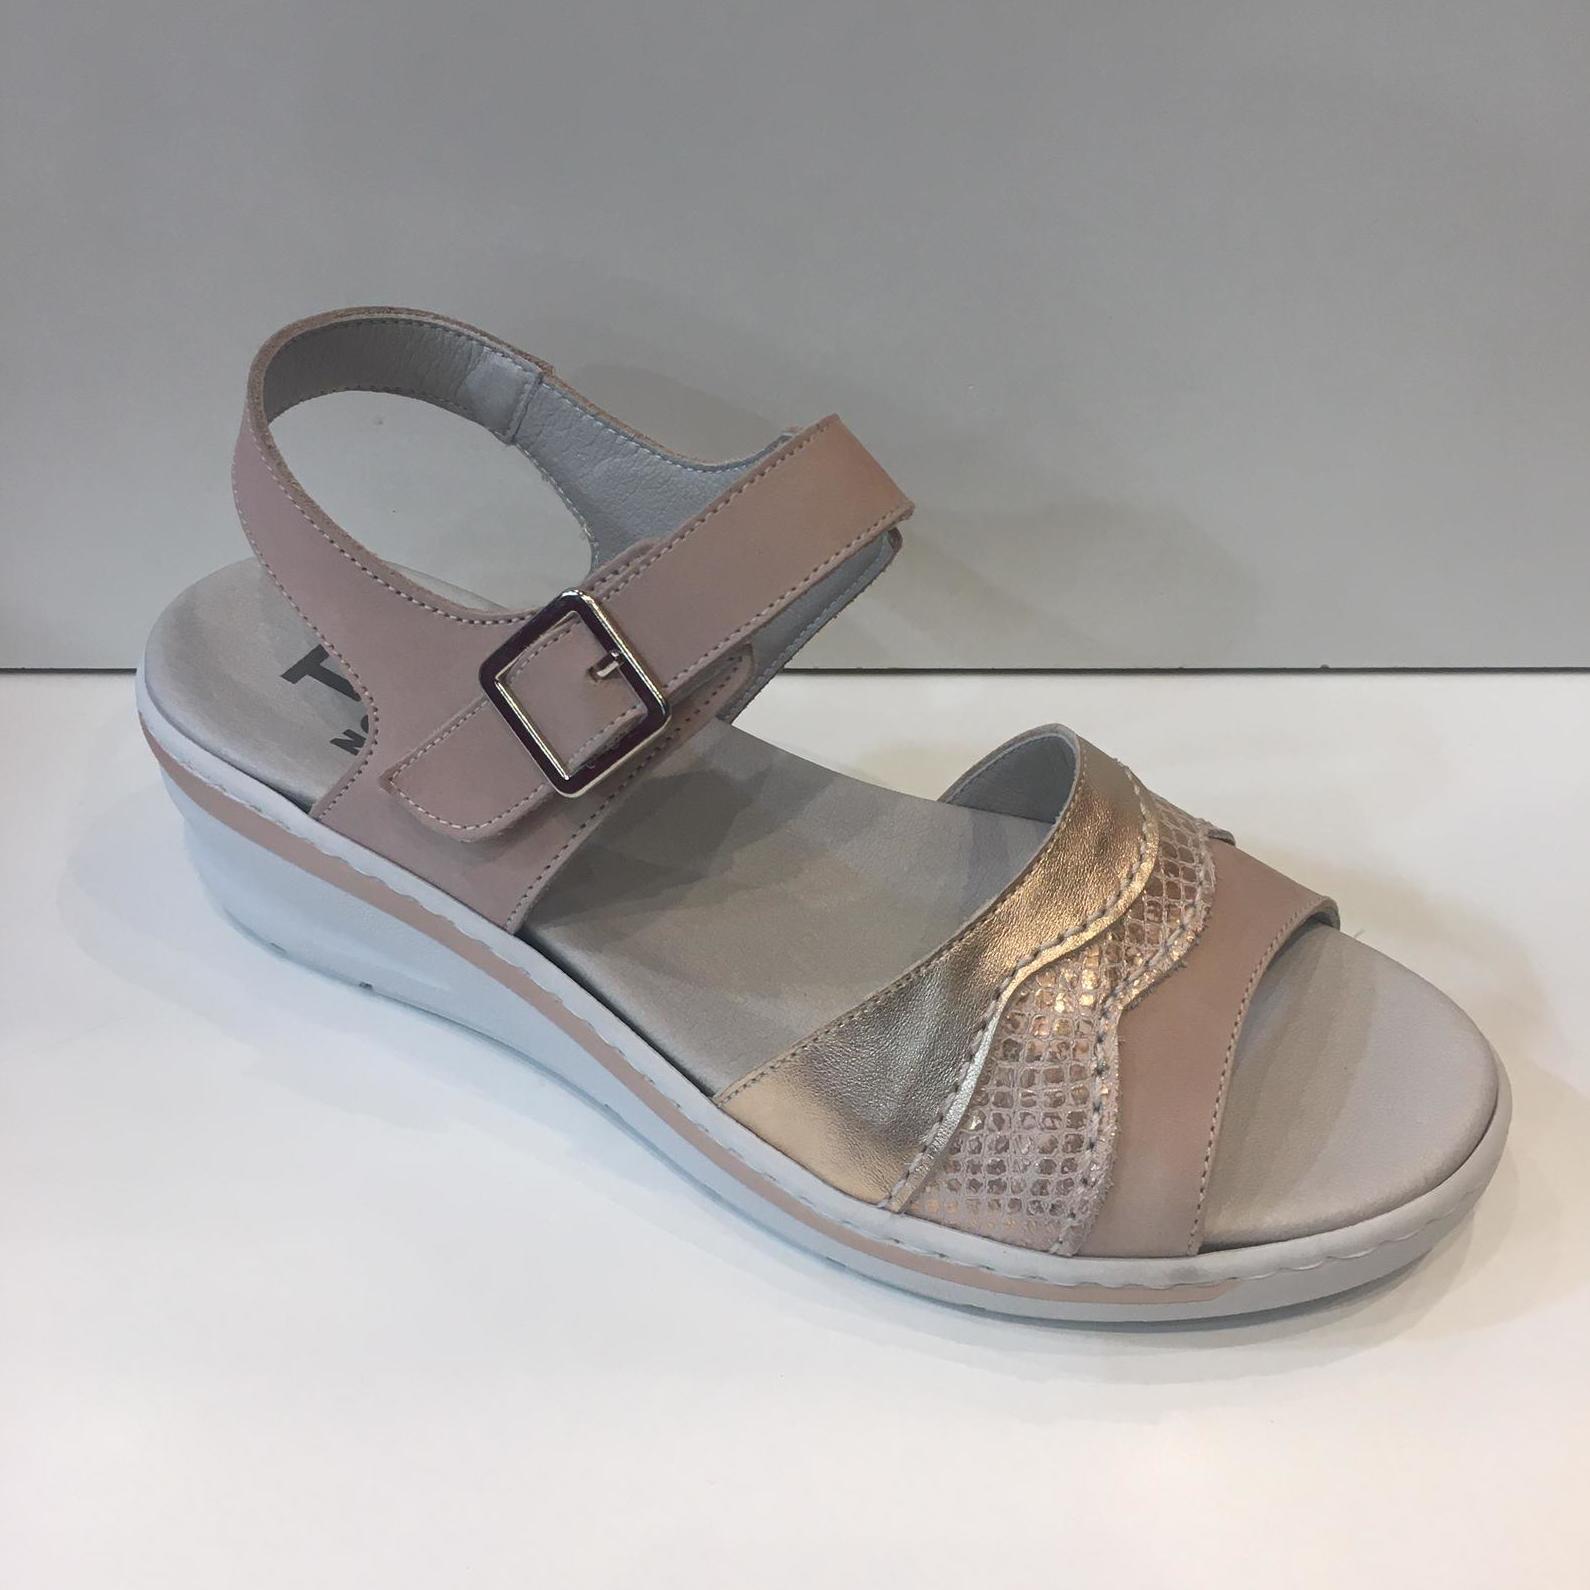 Sandàlia de dona, de la marca Notton, adaptable a plantilles A-13, ample especial, amb 3,5 cm de desnivell 73.50€